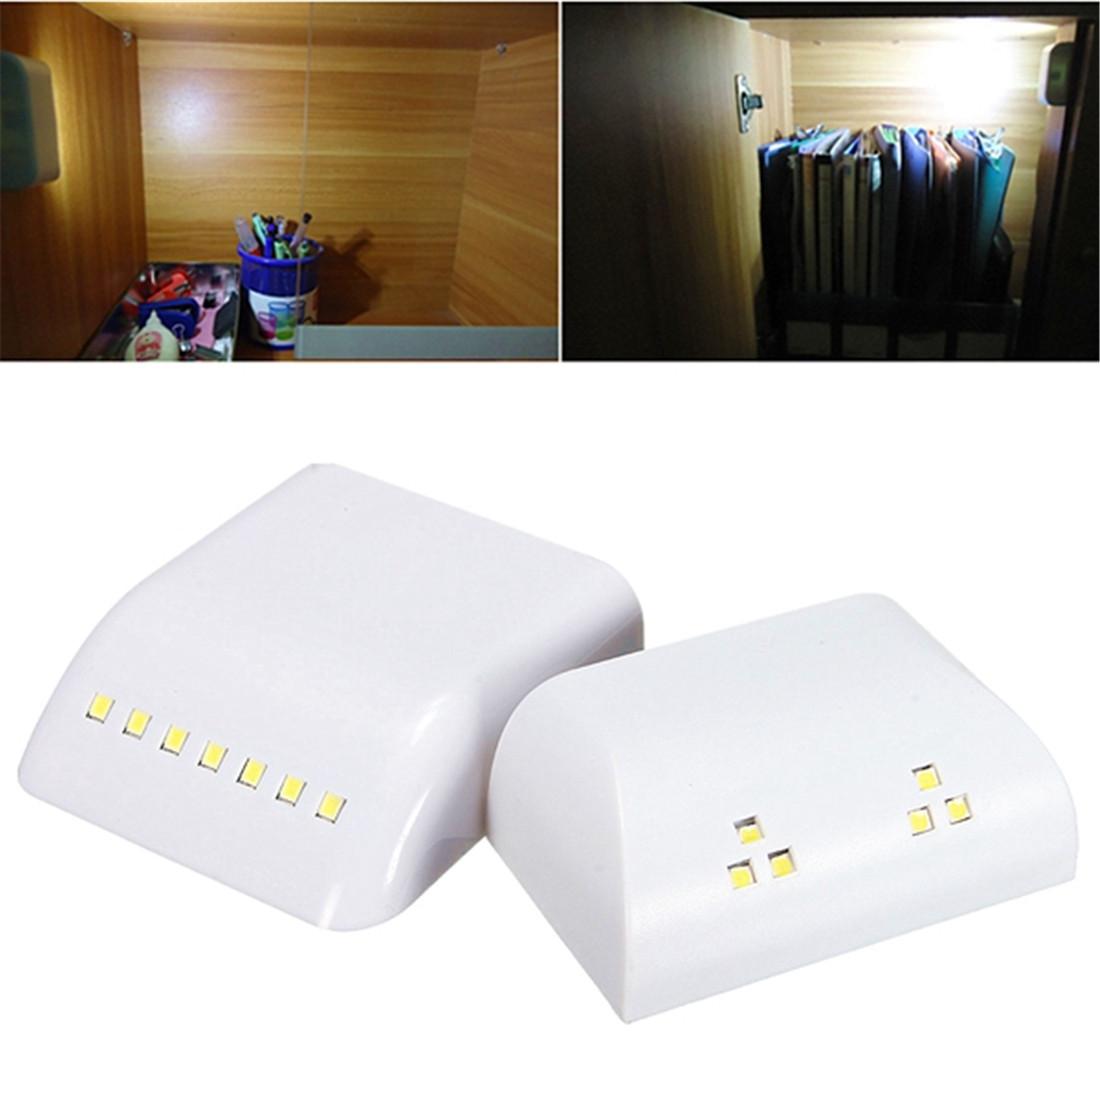 Jiguoor julelys с батарейным питанием беспроводный датчик движения pir светодиодный ночник для шкафа шкаф гардеробная кухонная плита asile toliet night lam